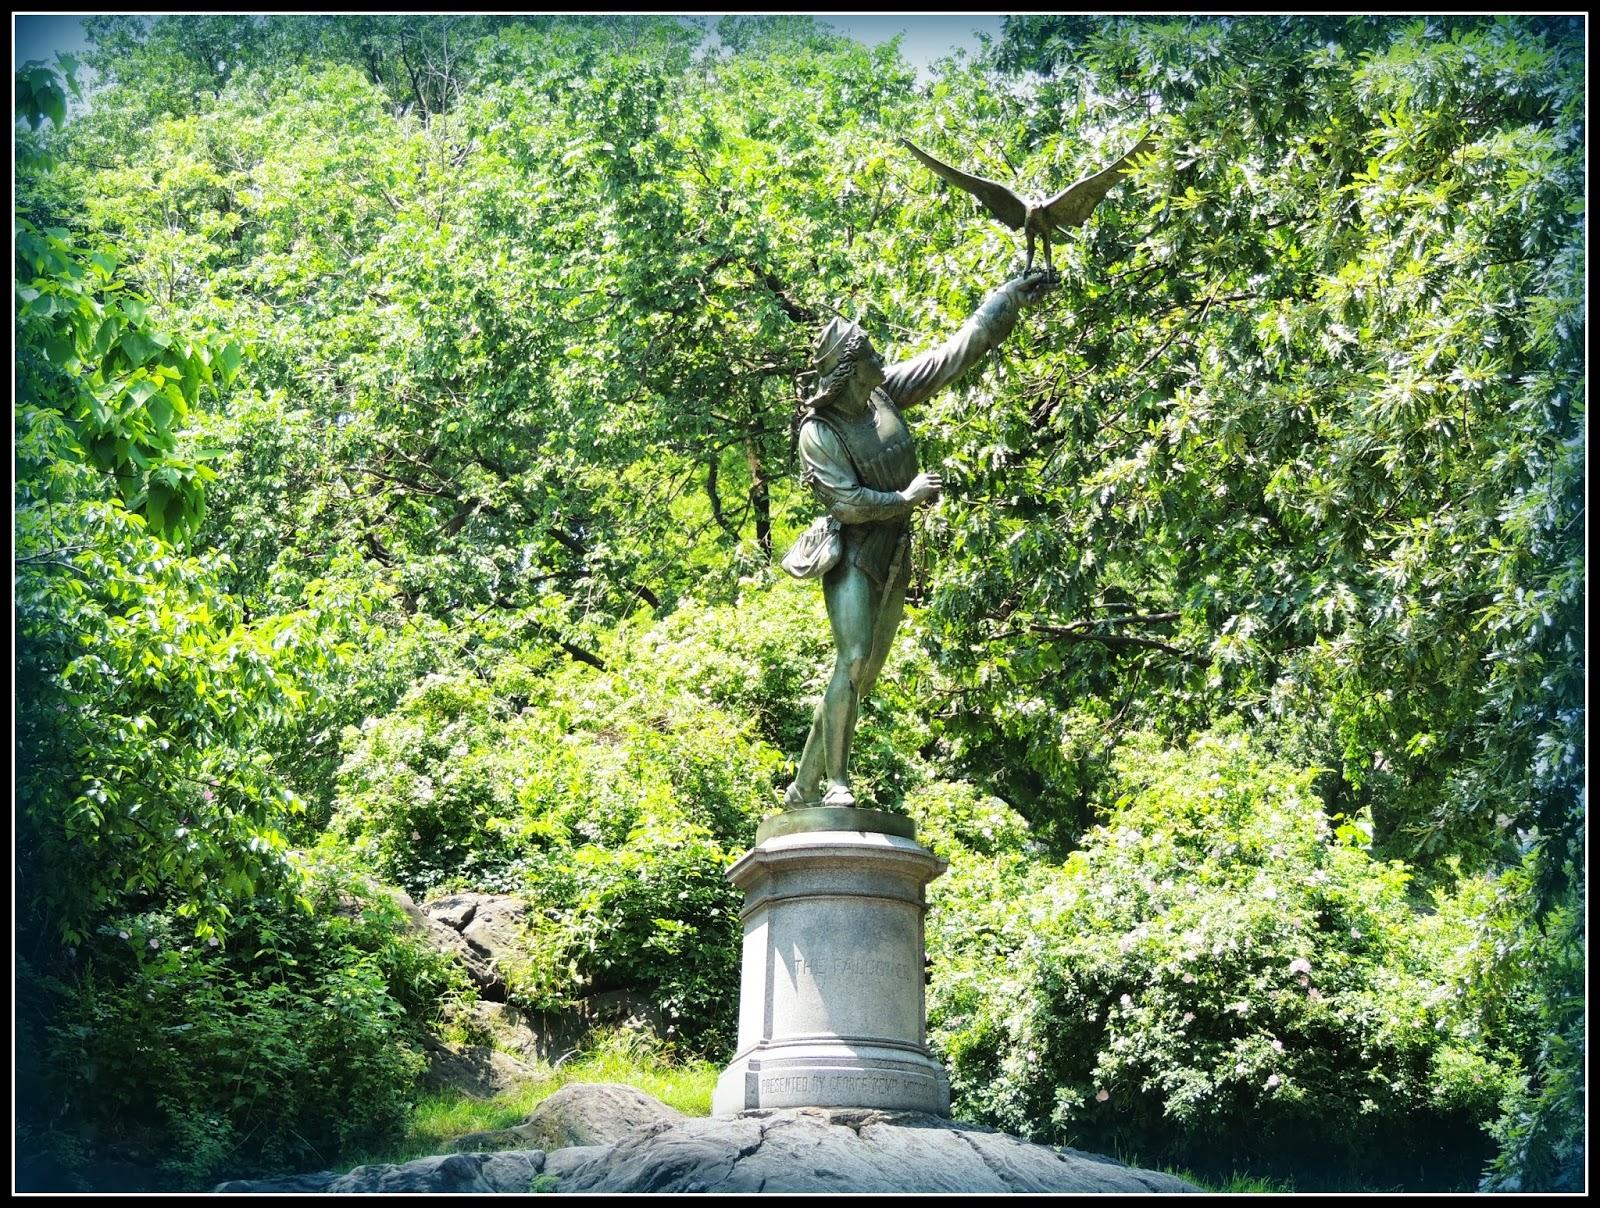 NY en 3 Días: Escultura The Falconer de Daniel Webster en Central Park